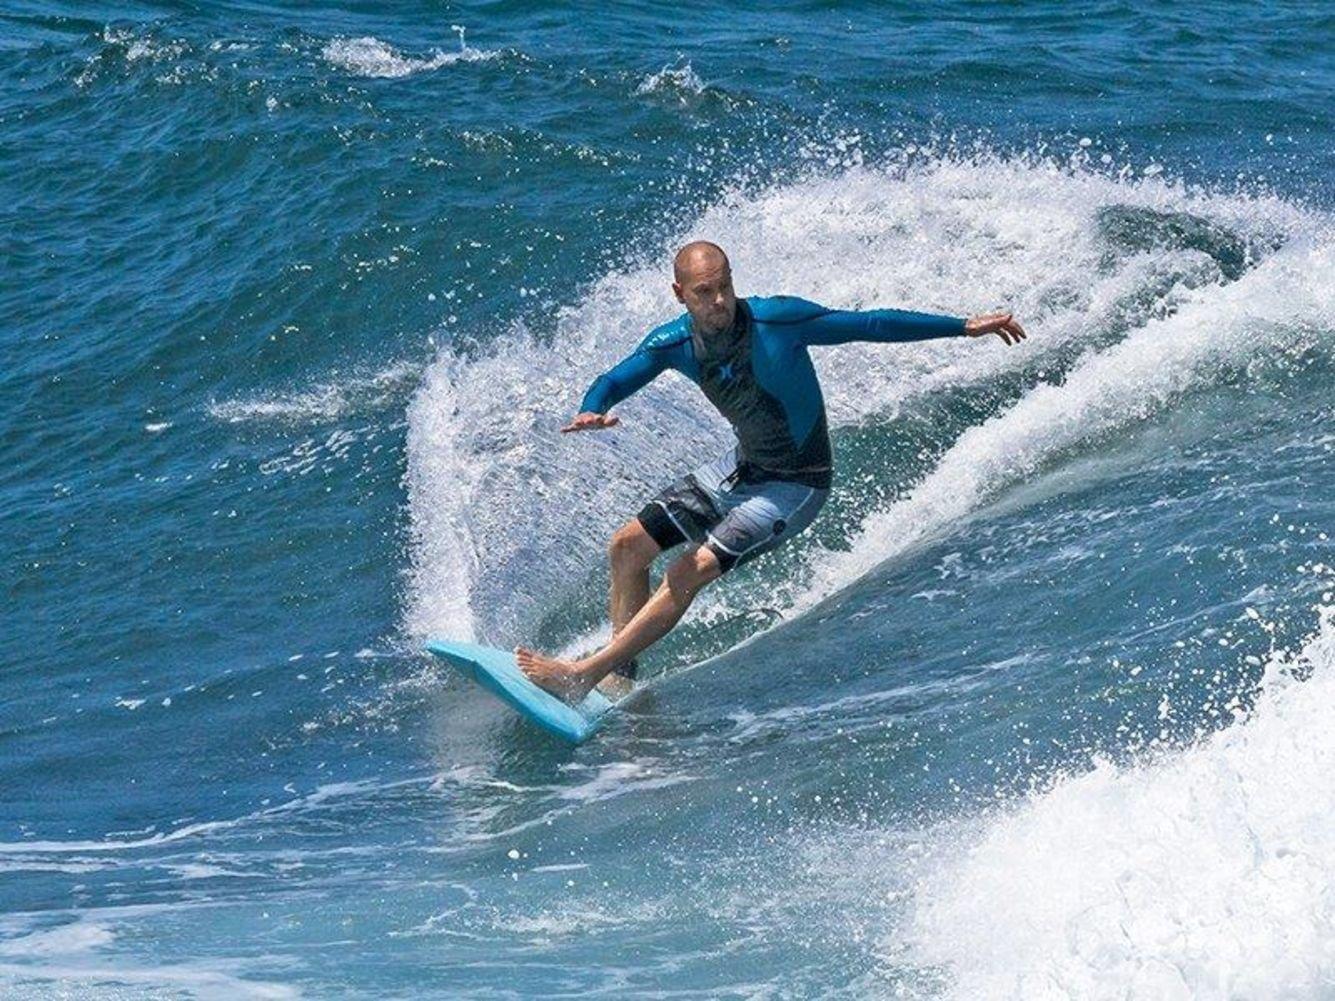 7S carbono Vector De Salero Unisex Tabla de surf/Azul, Amarillo/6 2